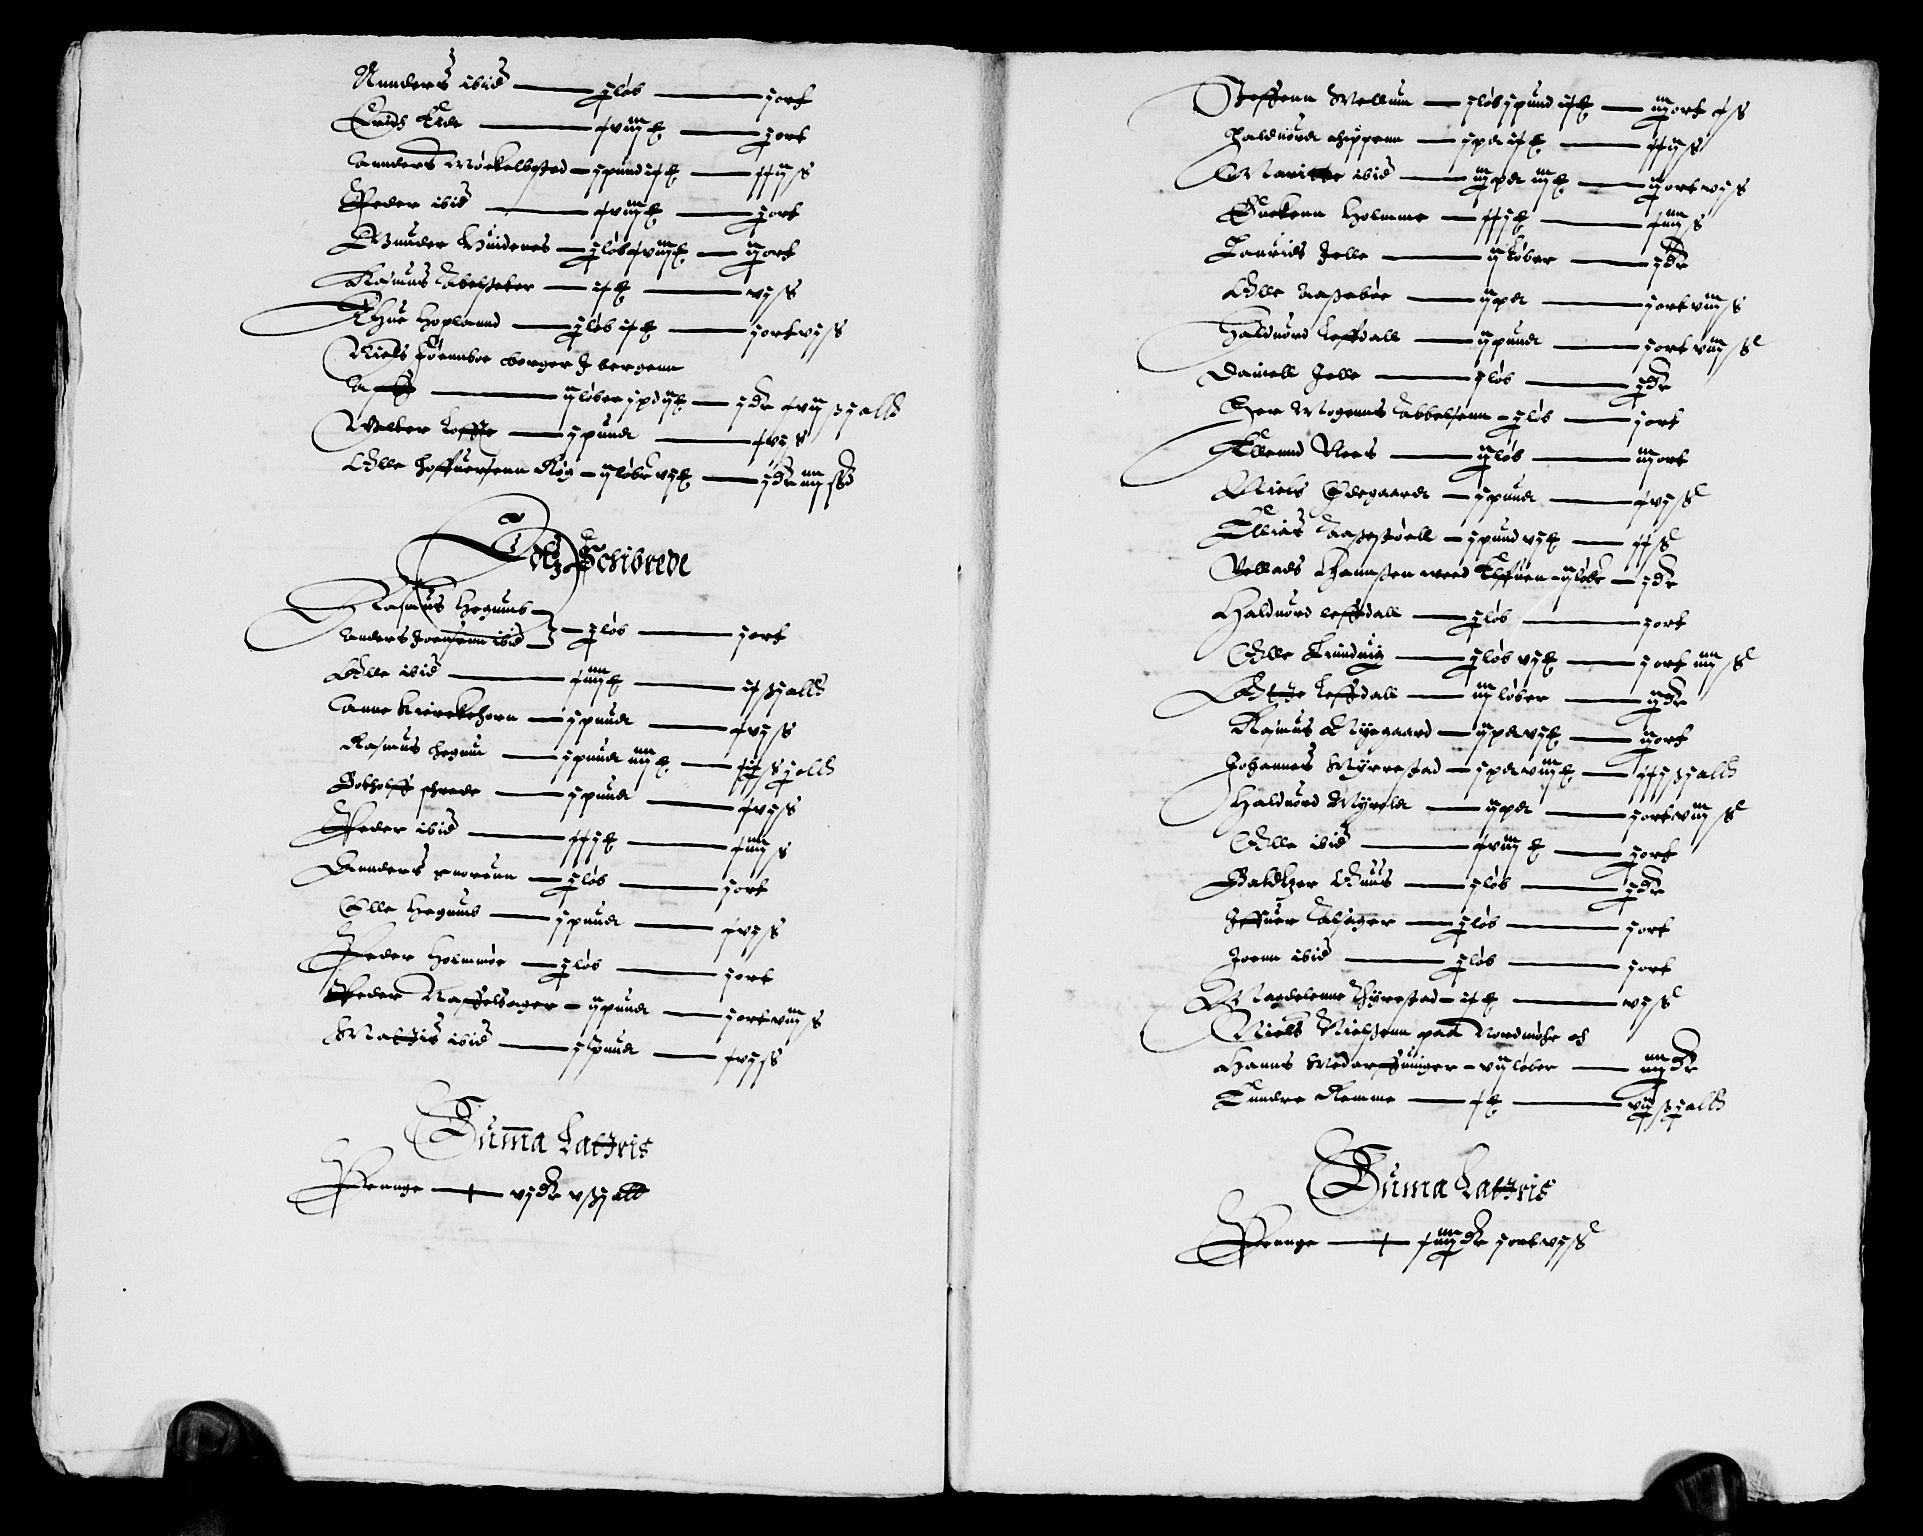 RA, Rentekammeret inntil 1814, Reviderte regnskaper, Lensregnskaper, R/Rb/Rbt/L0045: Bergenhus len, 1627-1628